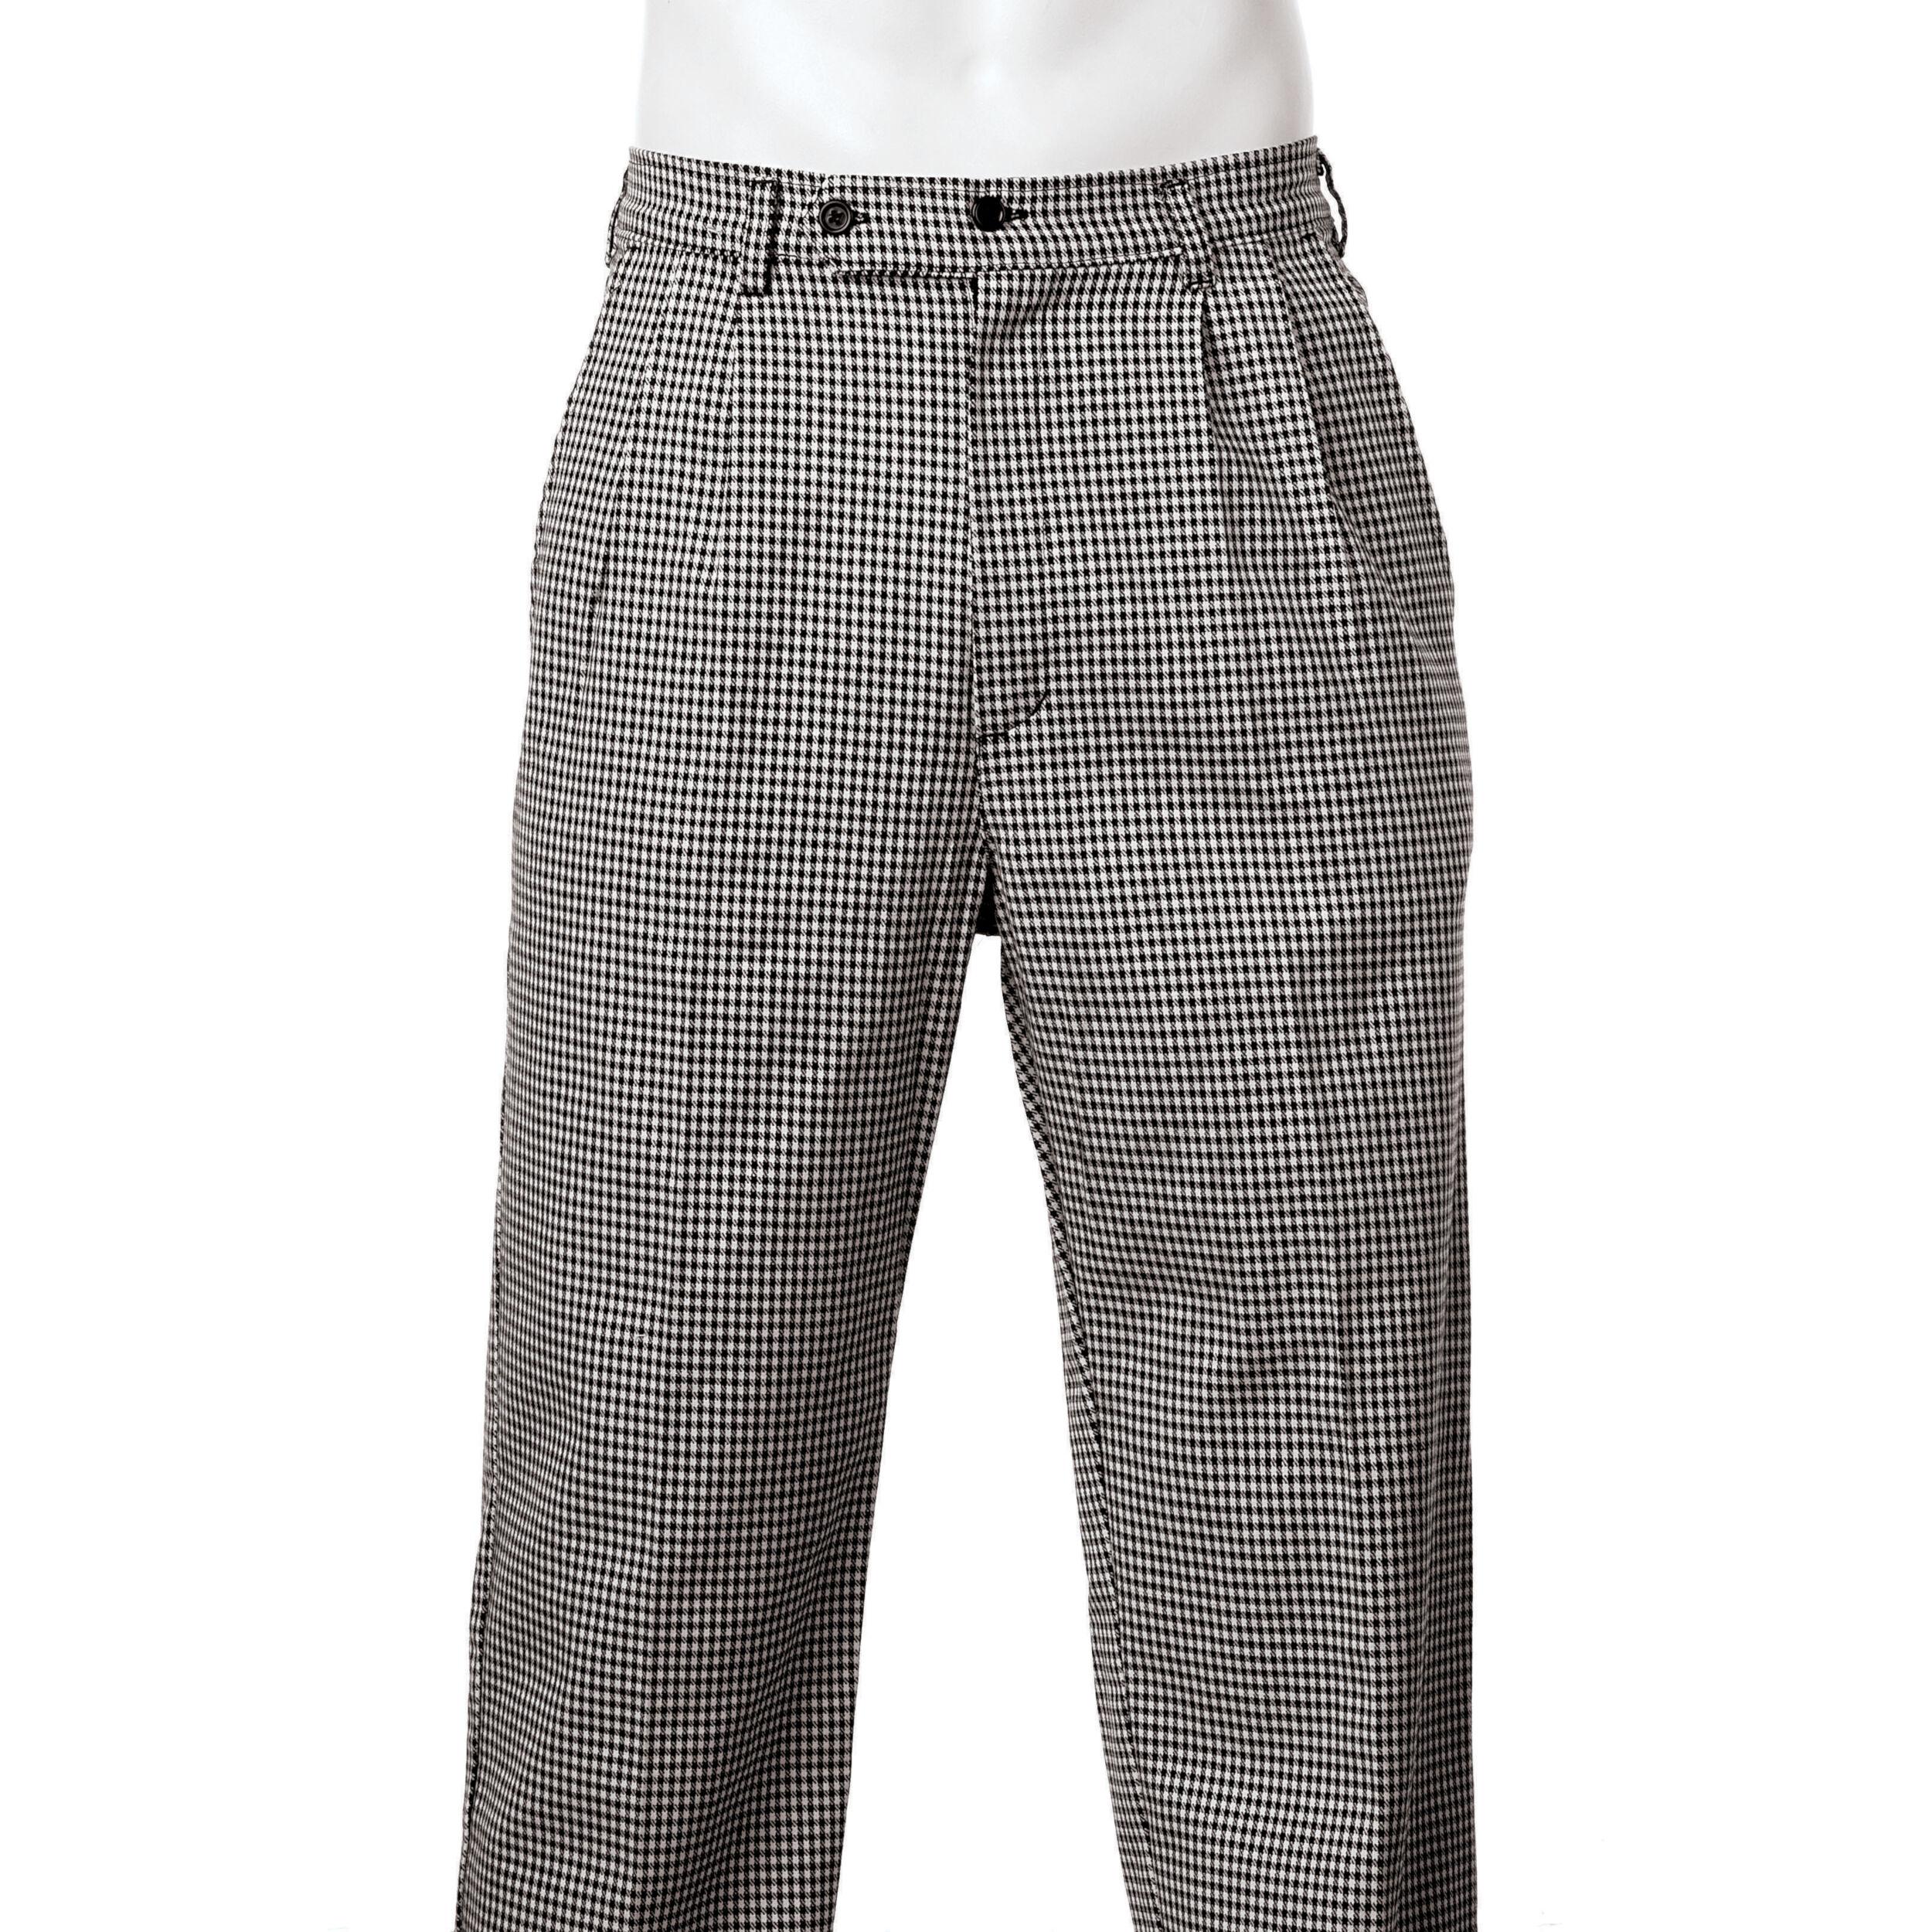 Pantaloni Cuoco Tg. 44, peso 0